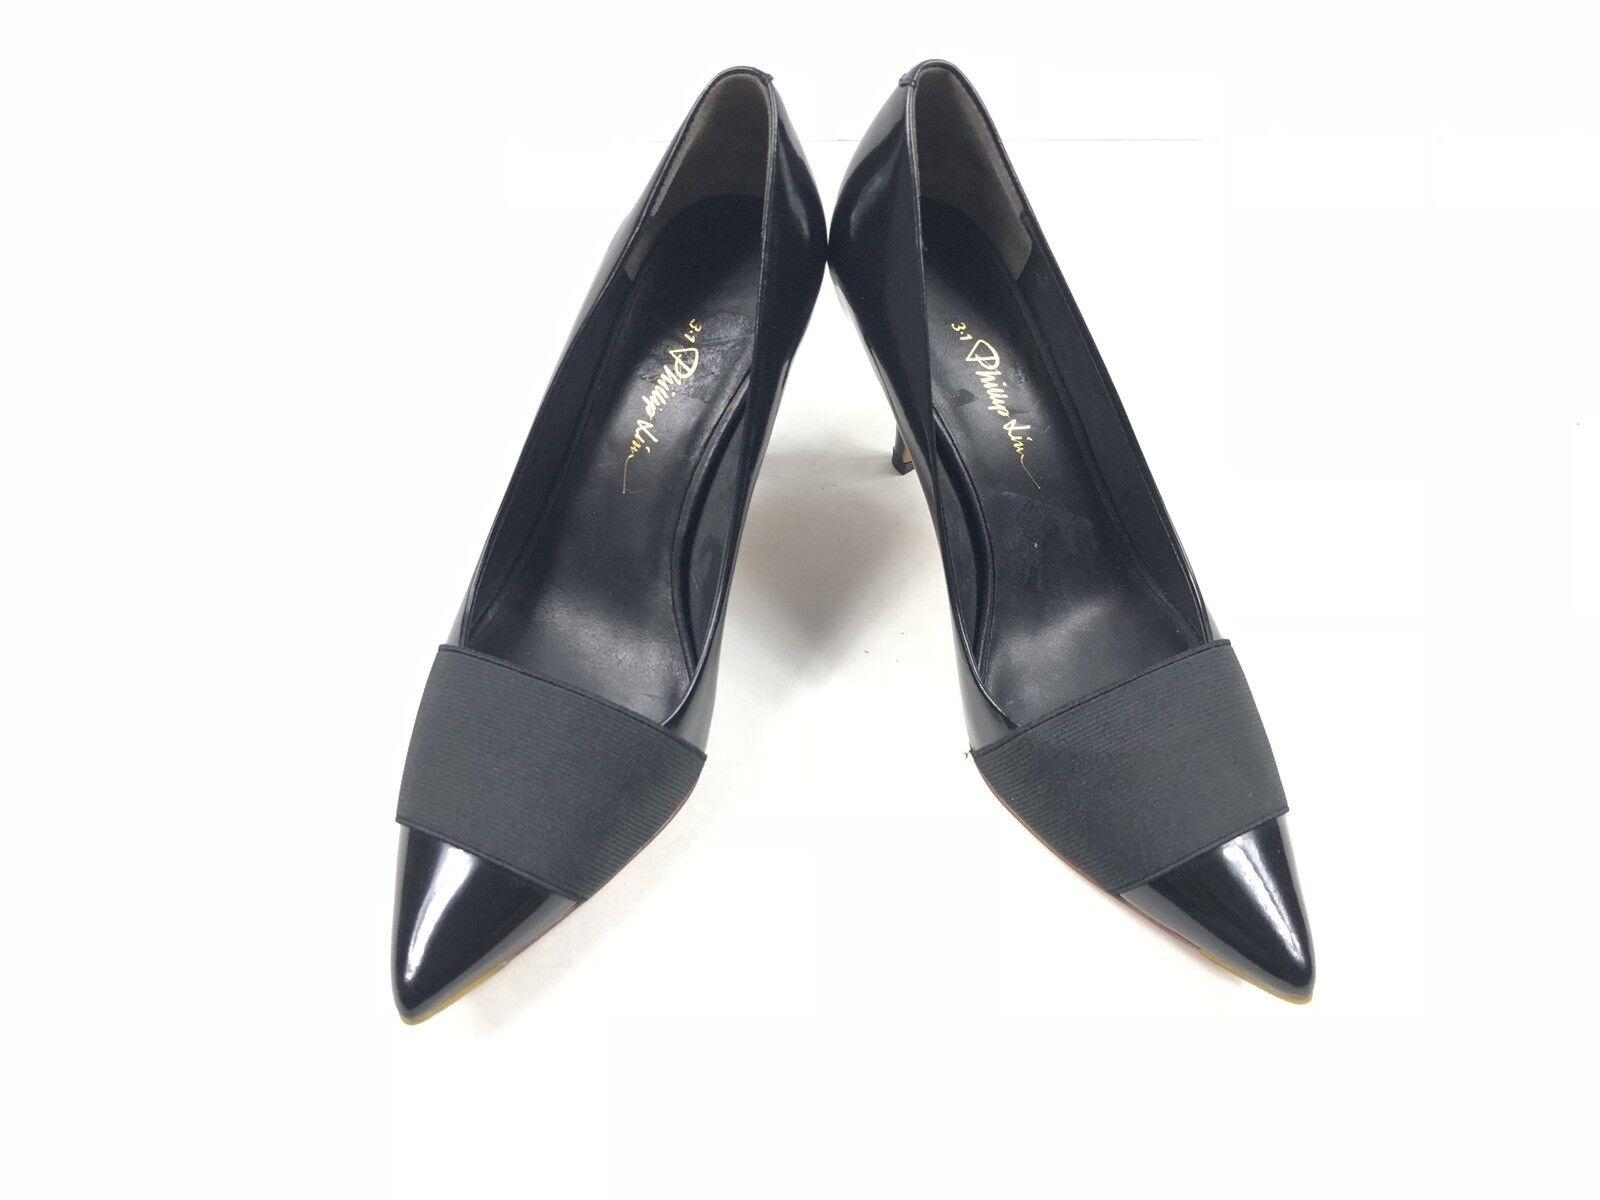 3.1 Phillip Lim femme Bande élastique cuir cuir cuir noir talons taille 38 620215